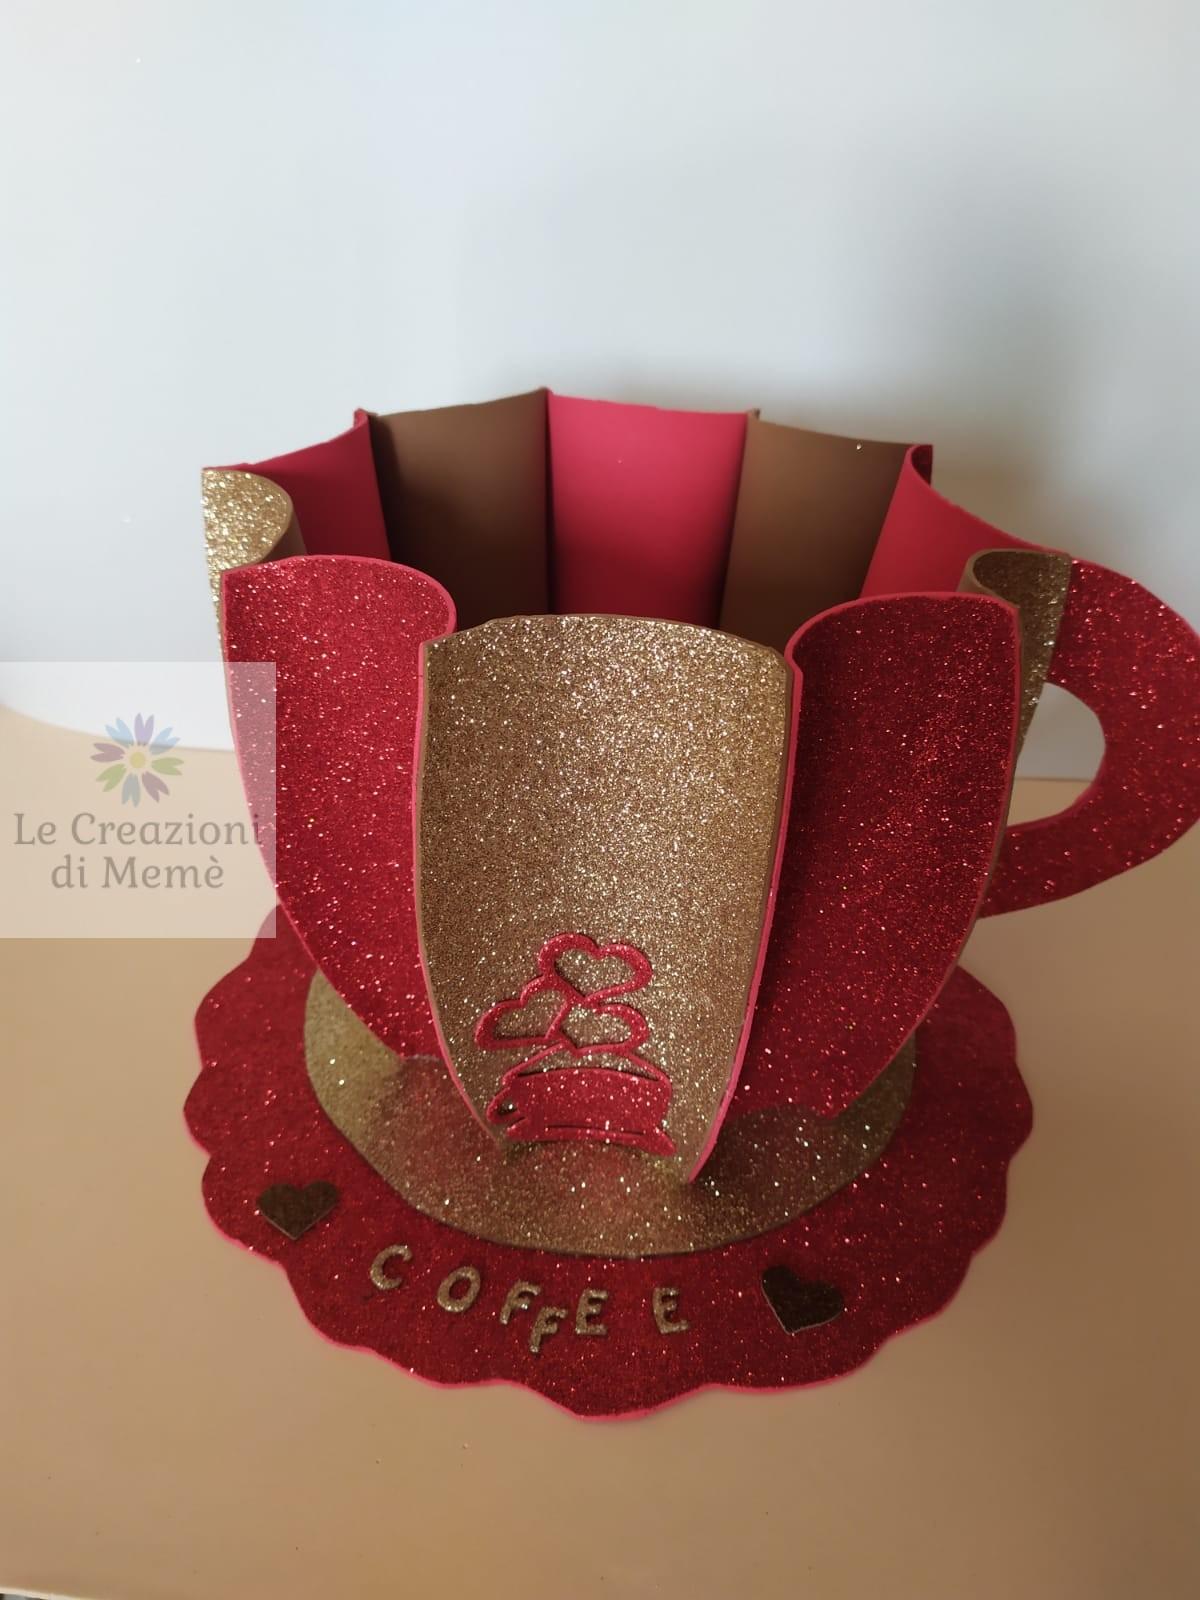 Tazzona bicolore rossa e cappuccino